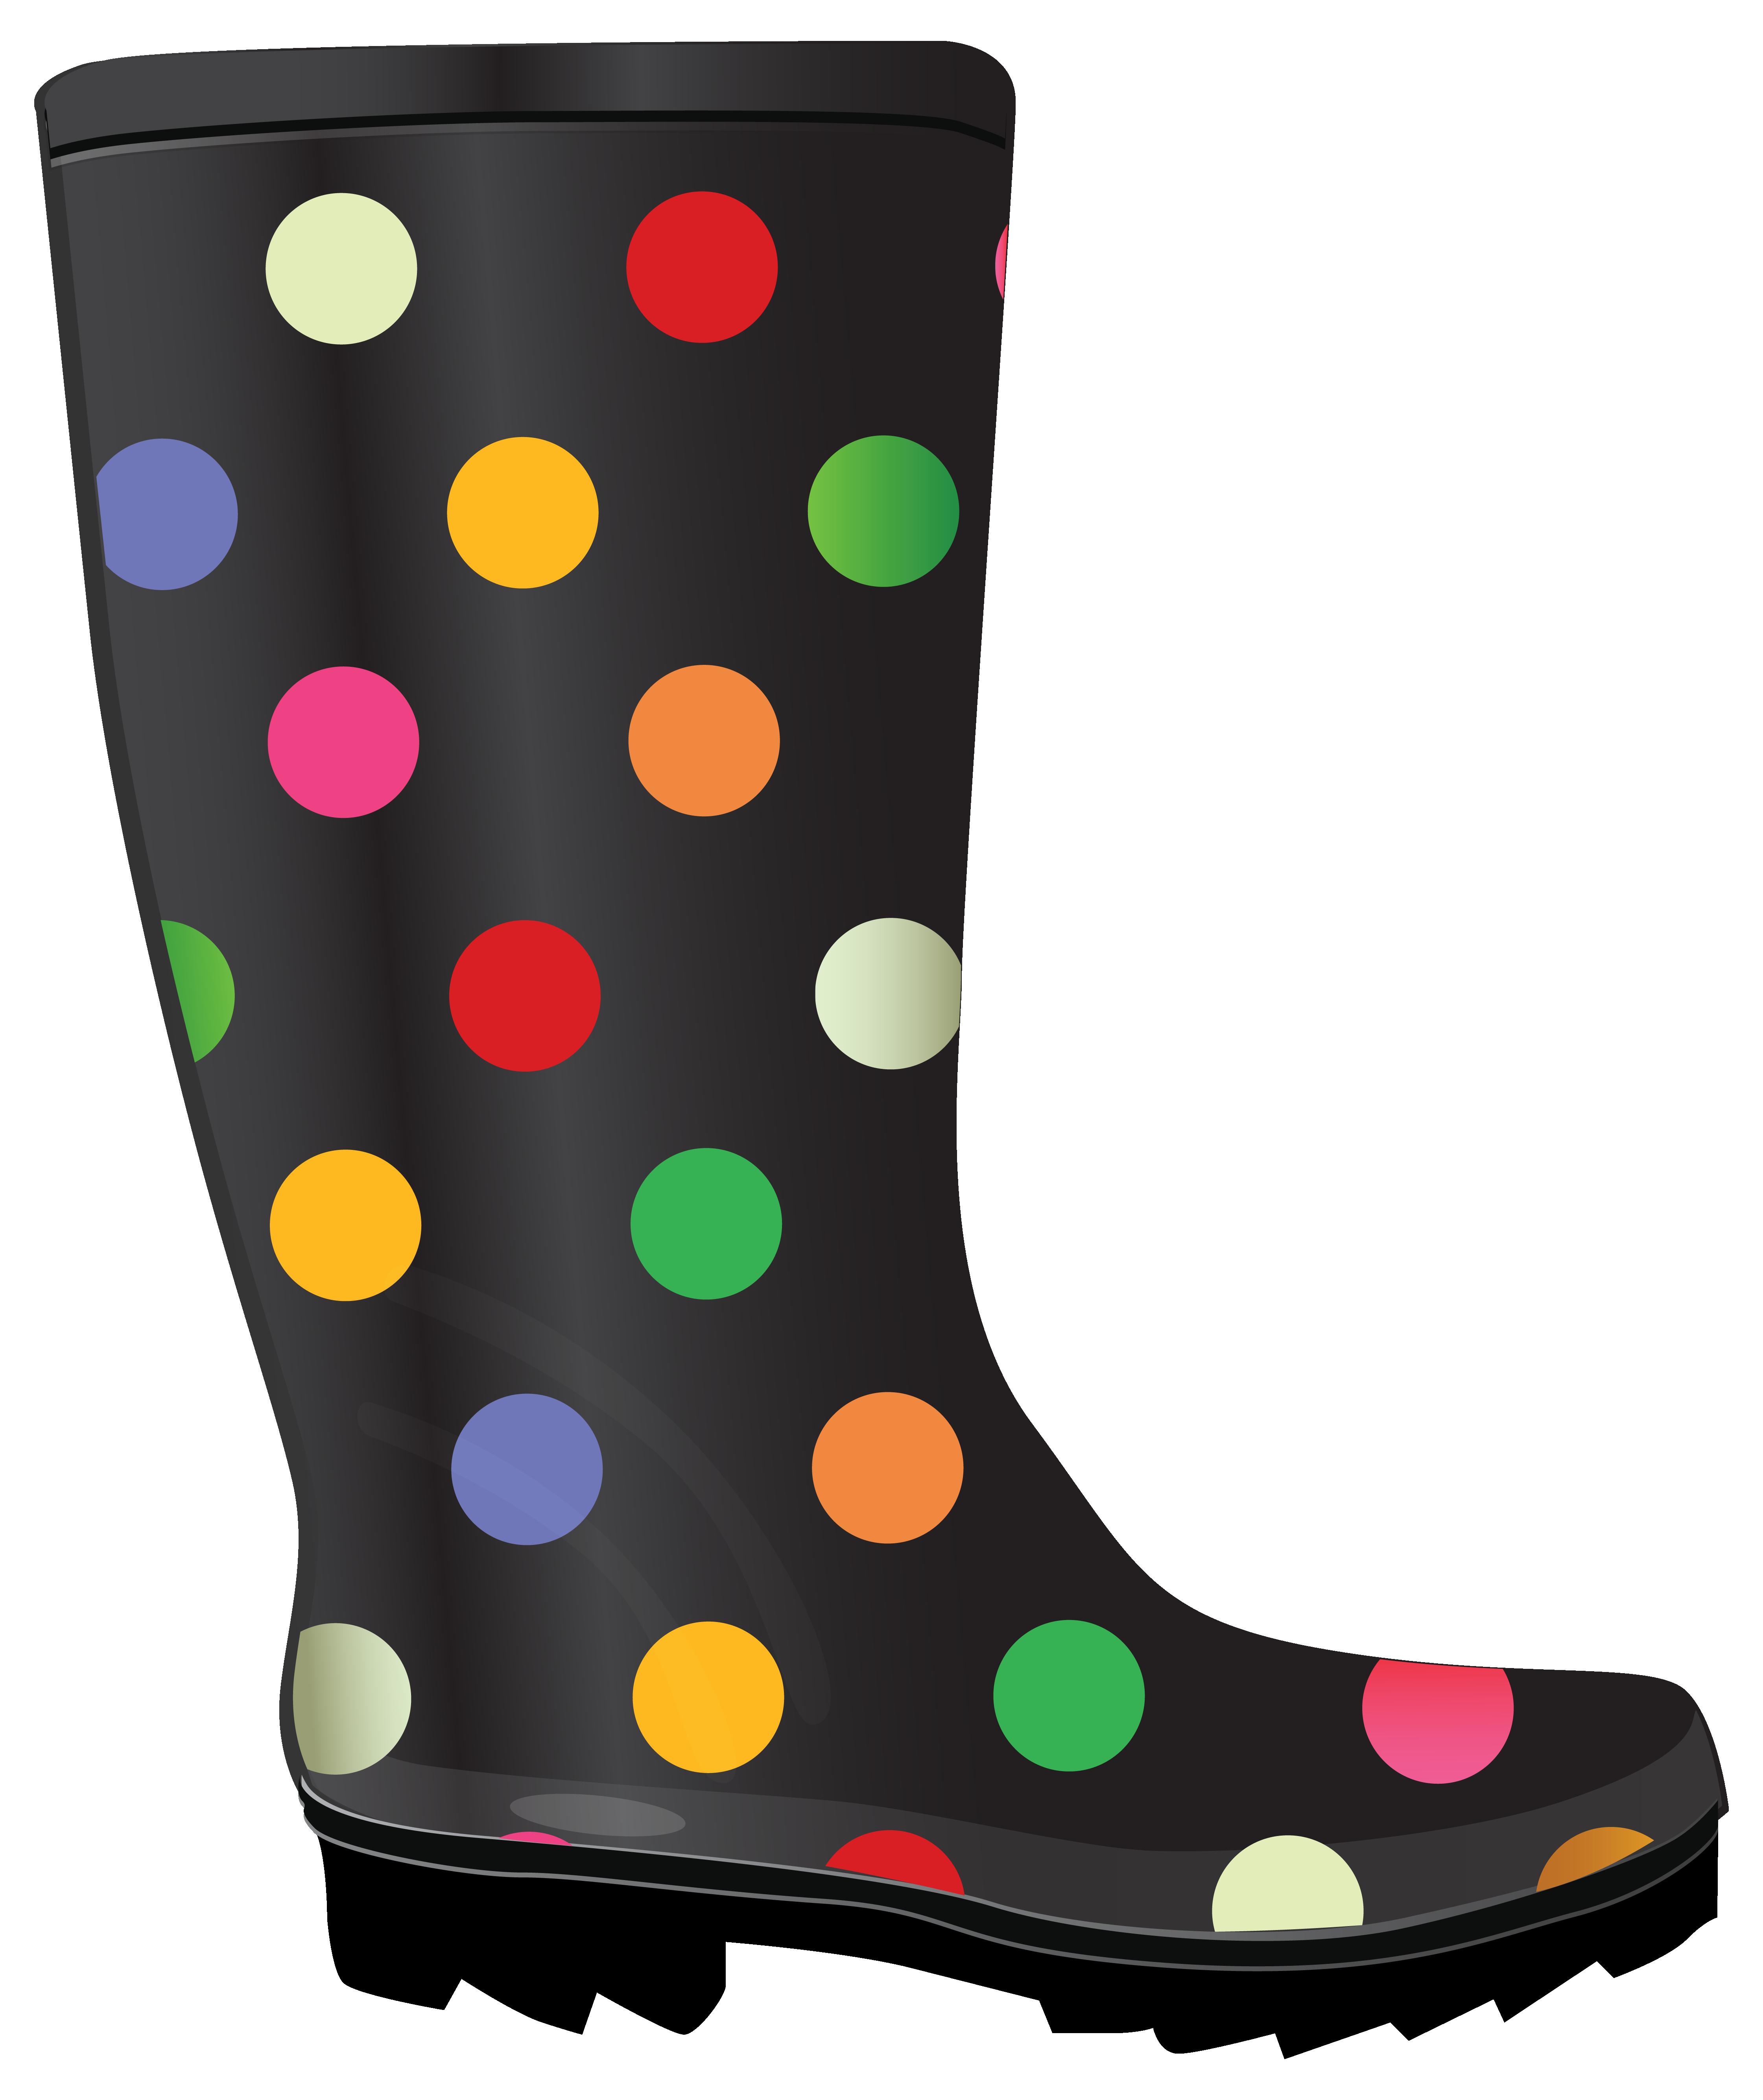 Boots Clip Art 77 - Boots Clipart